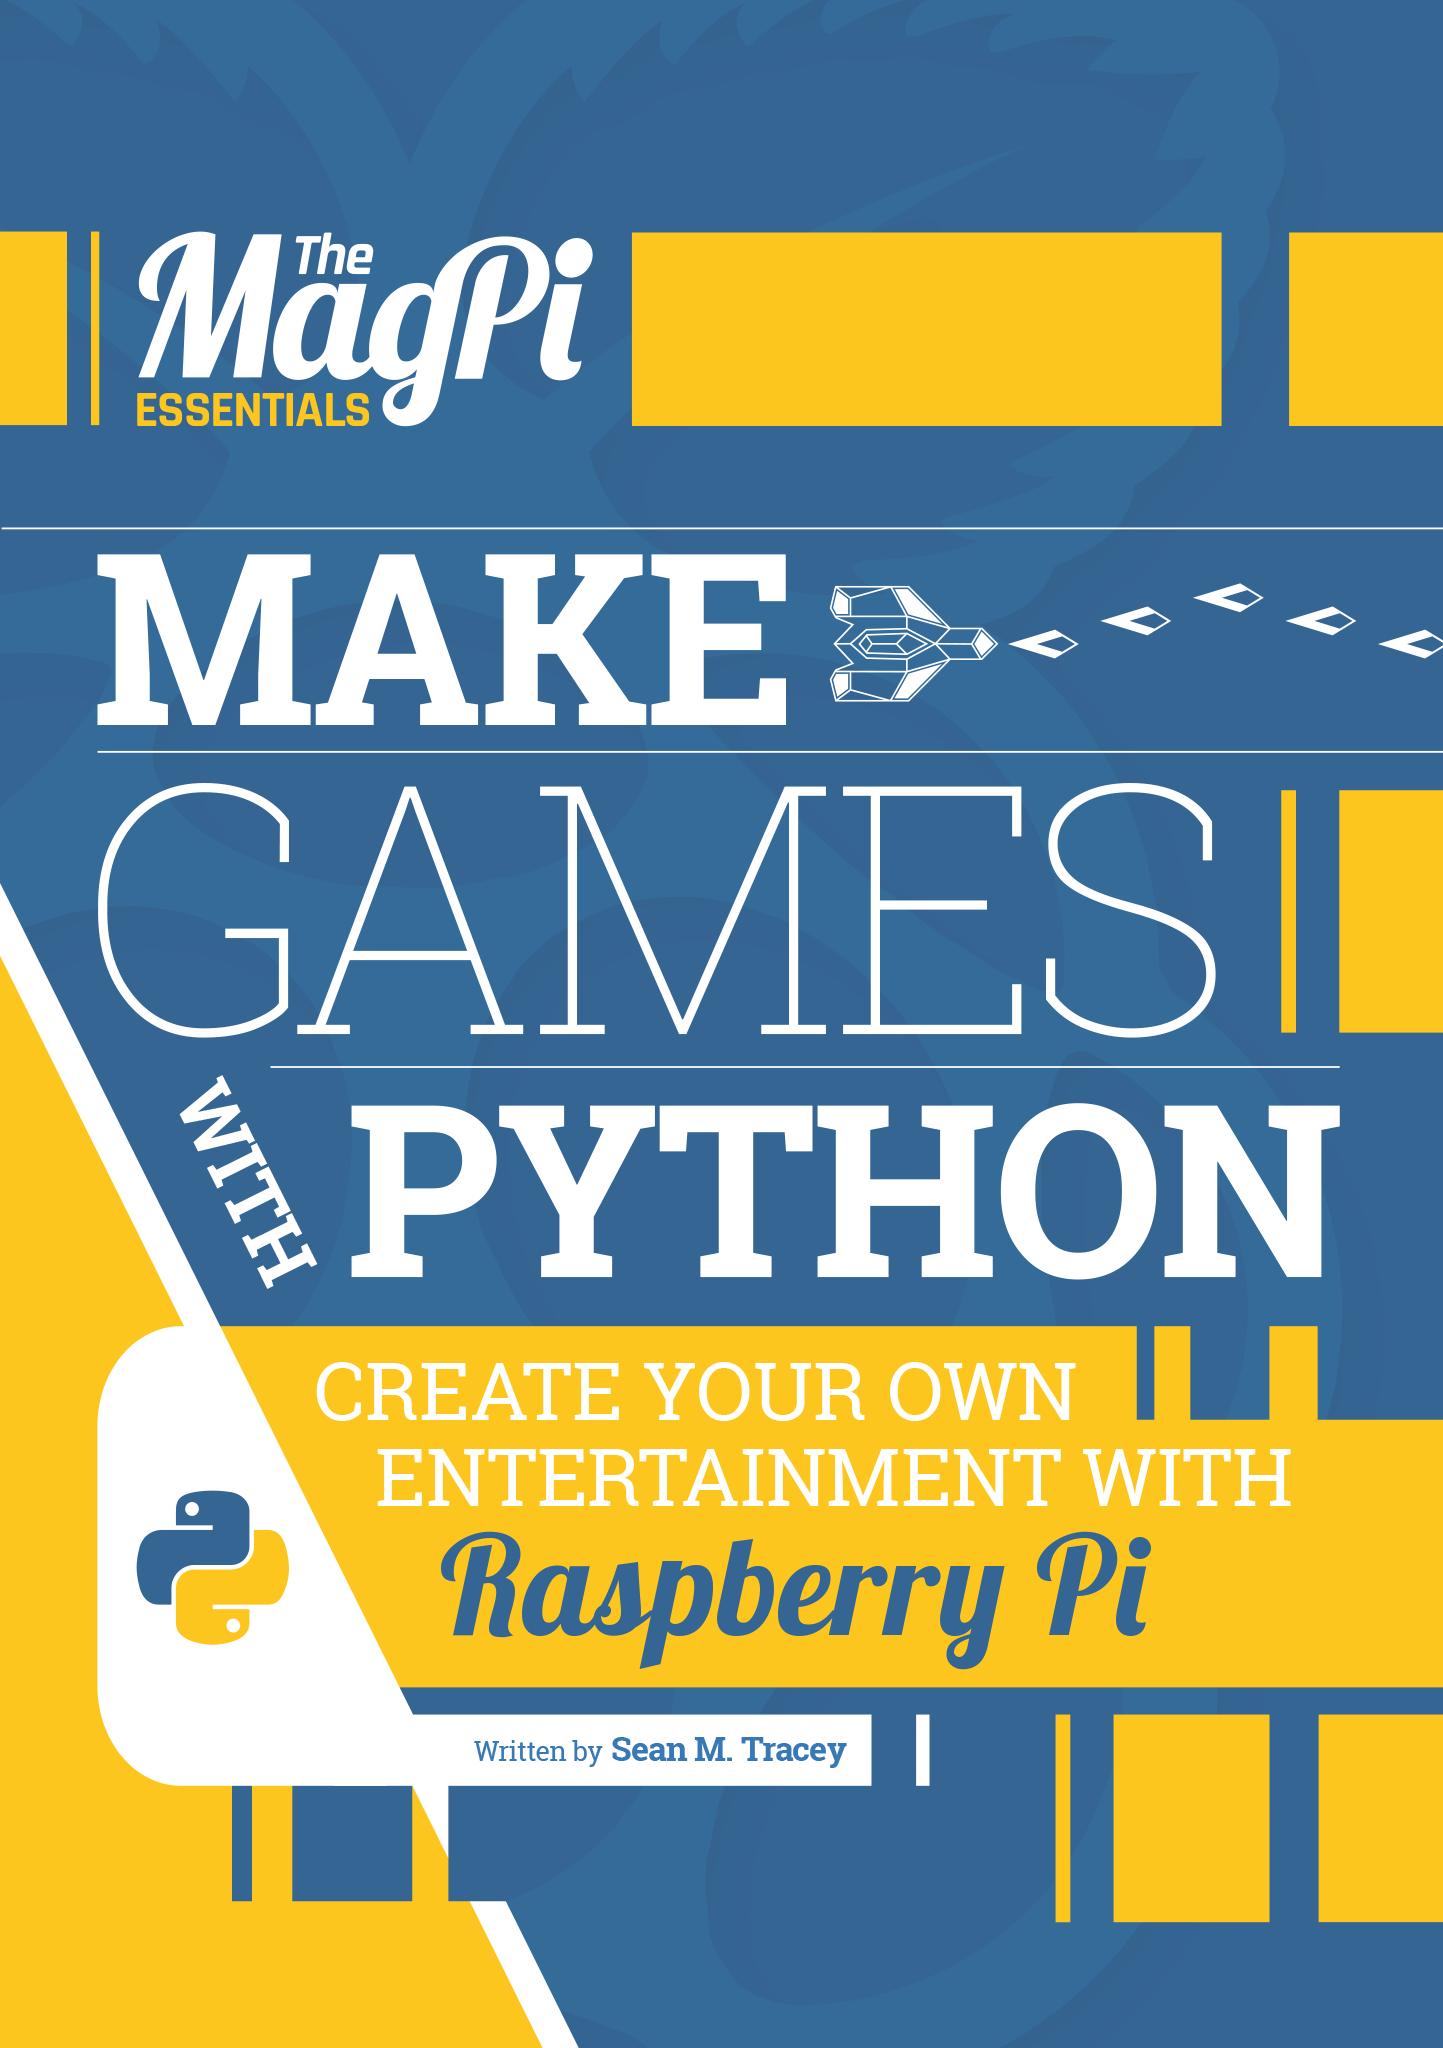 RPi_Essentials_eBook2_PythonGames-001